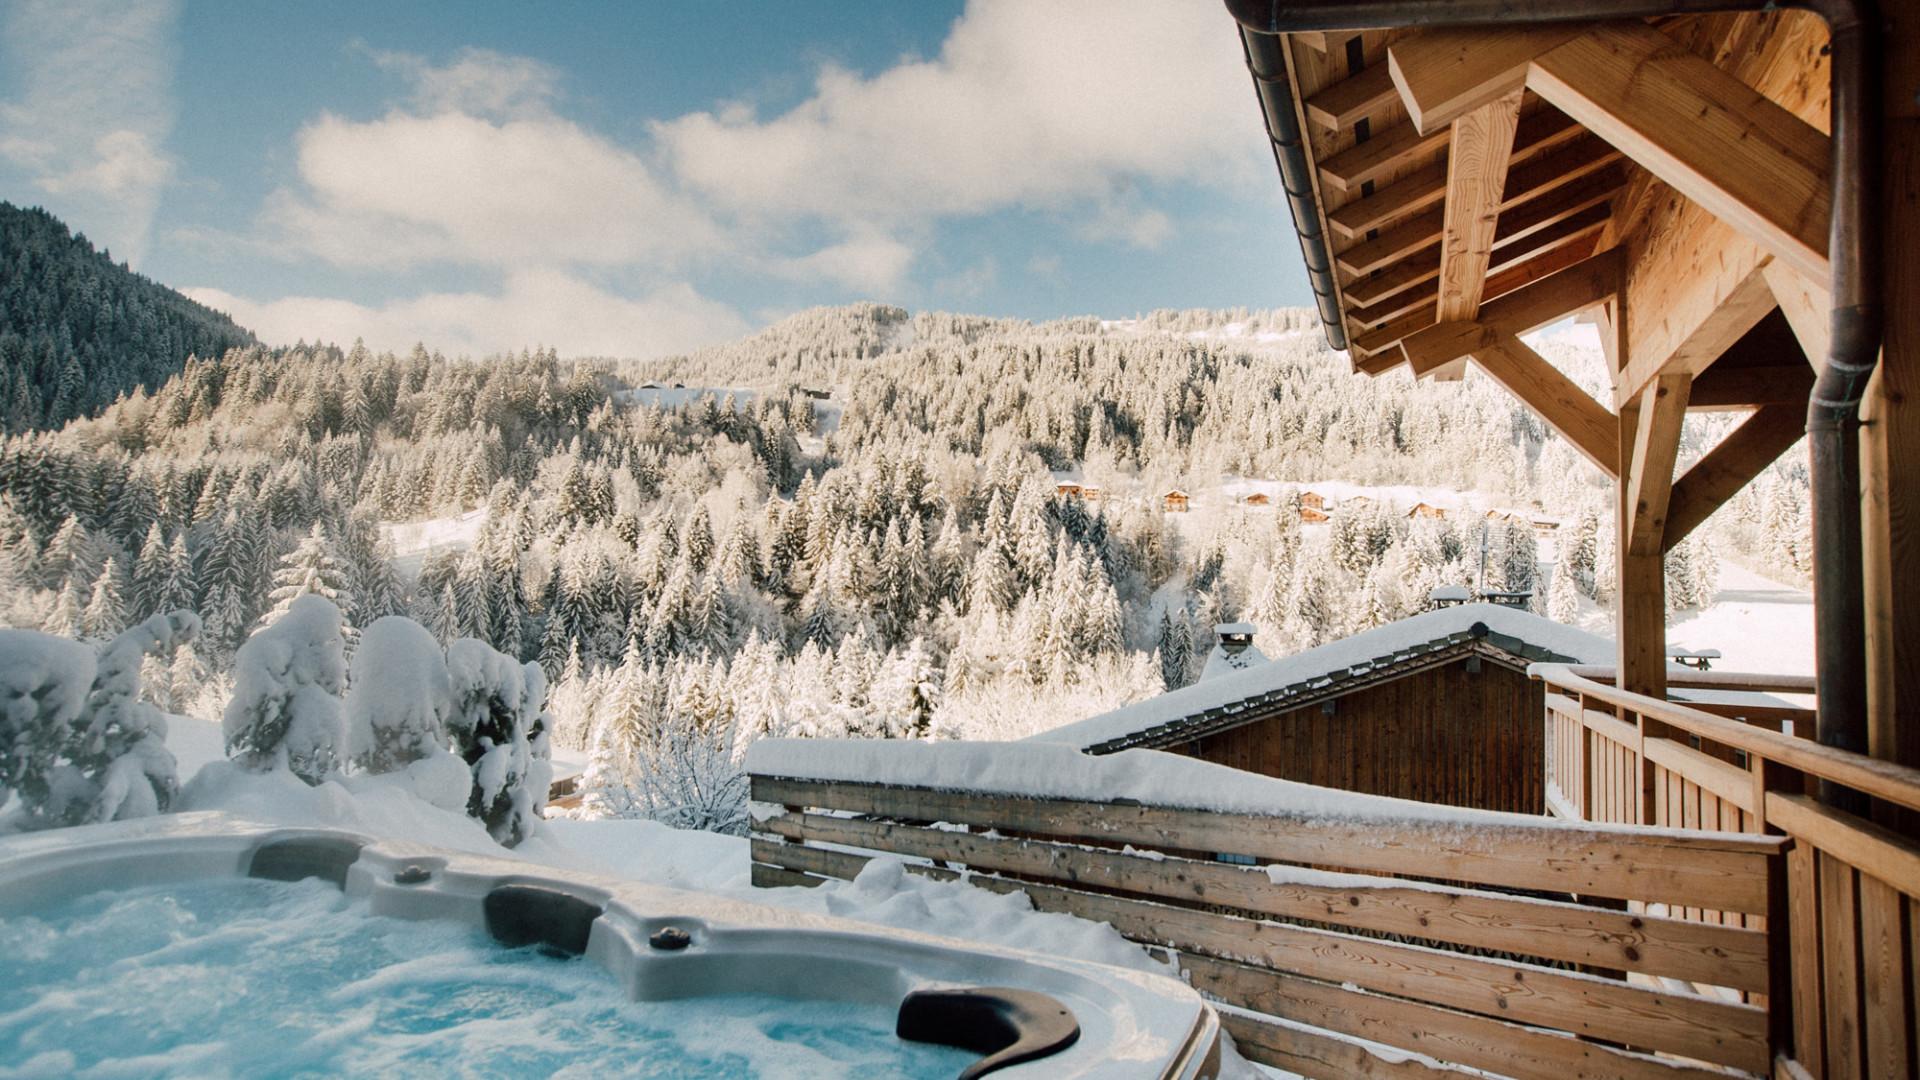 More Mountain: Hot tub